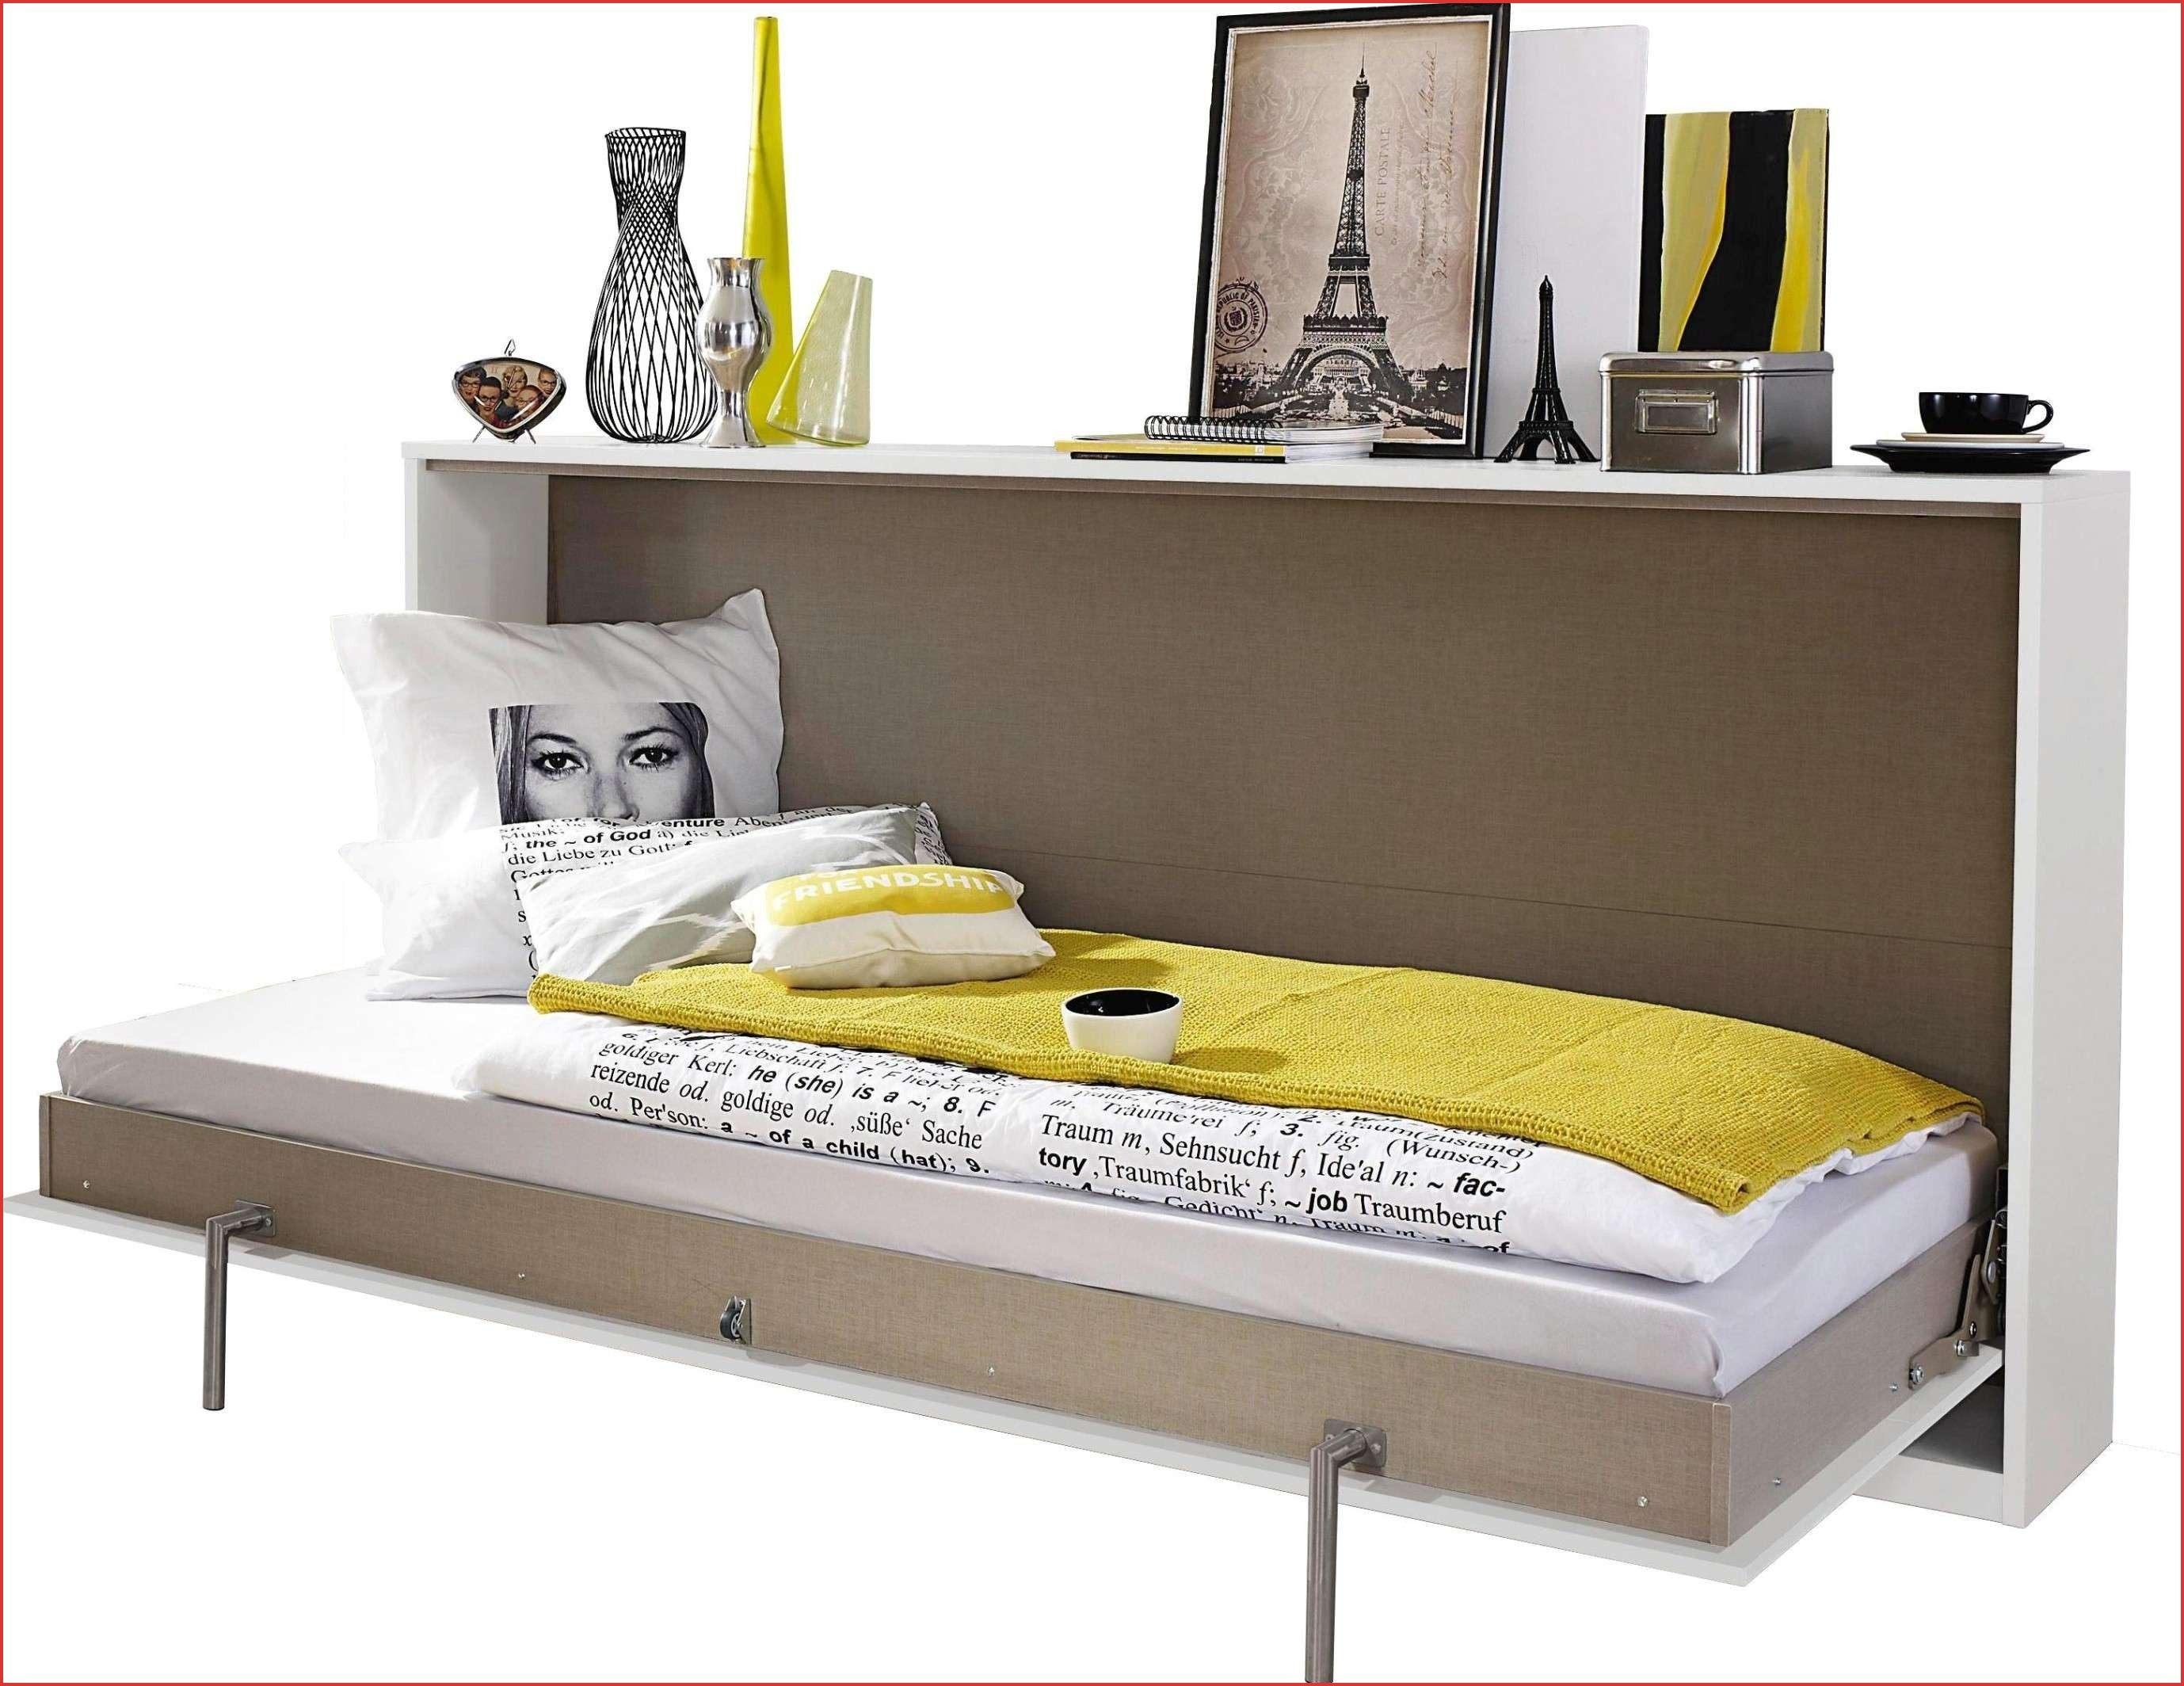 Ikea Dessus De Lit Génial Ikea Lit Gigogne Banquette Lit Ikea Aclacgant Gigogne Adulte